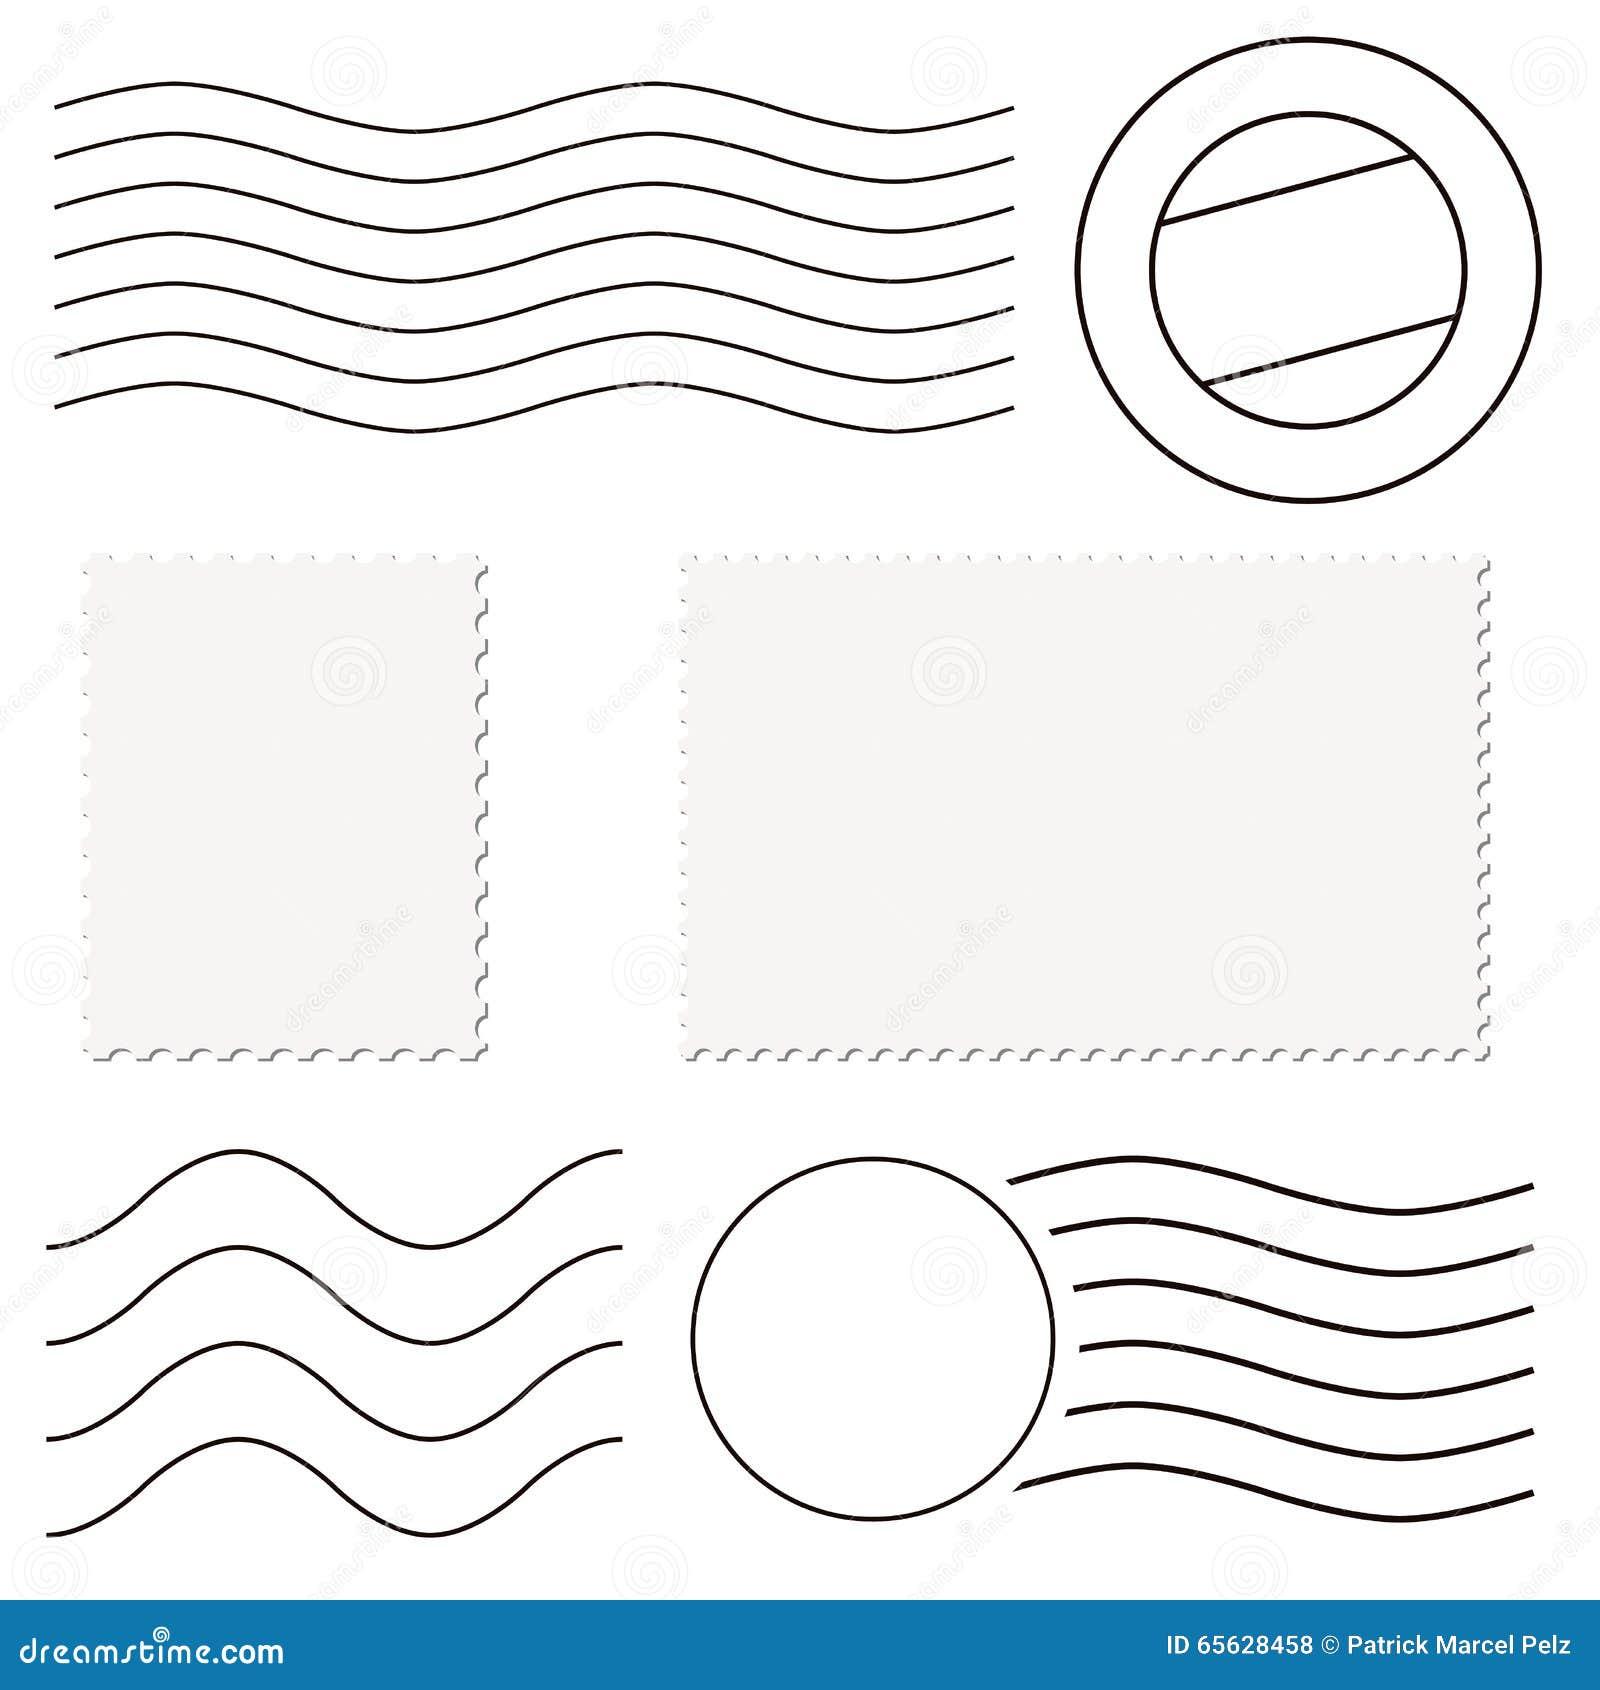 Timbres et marques de courrier